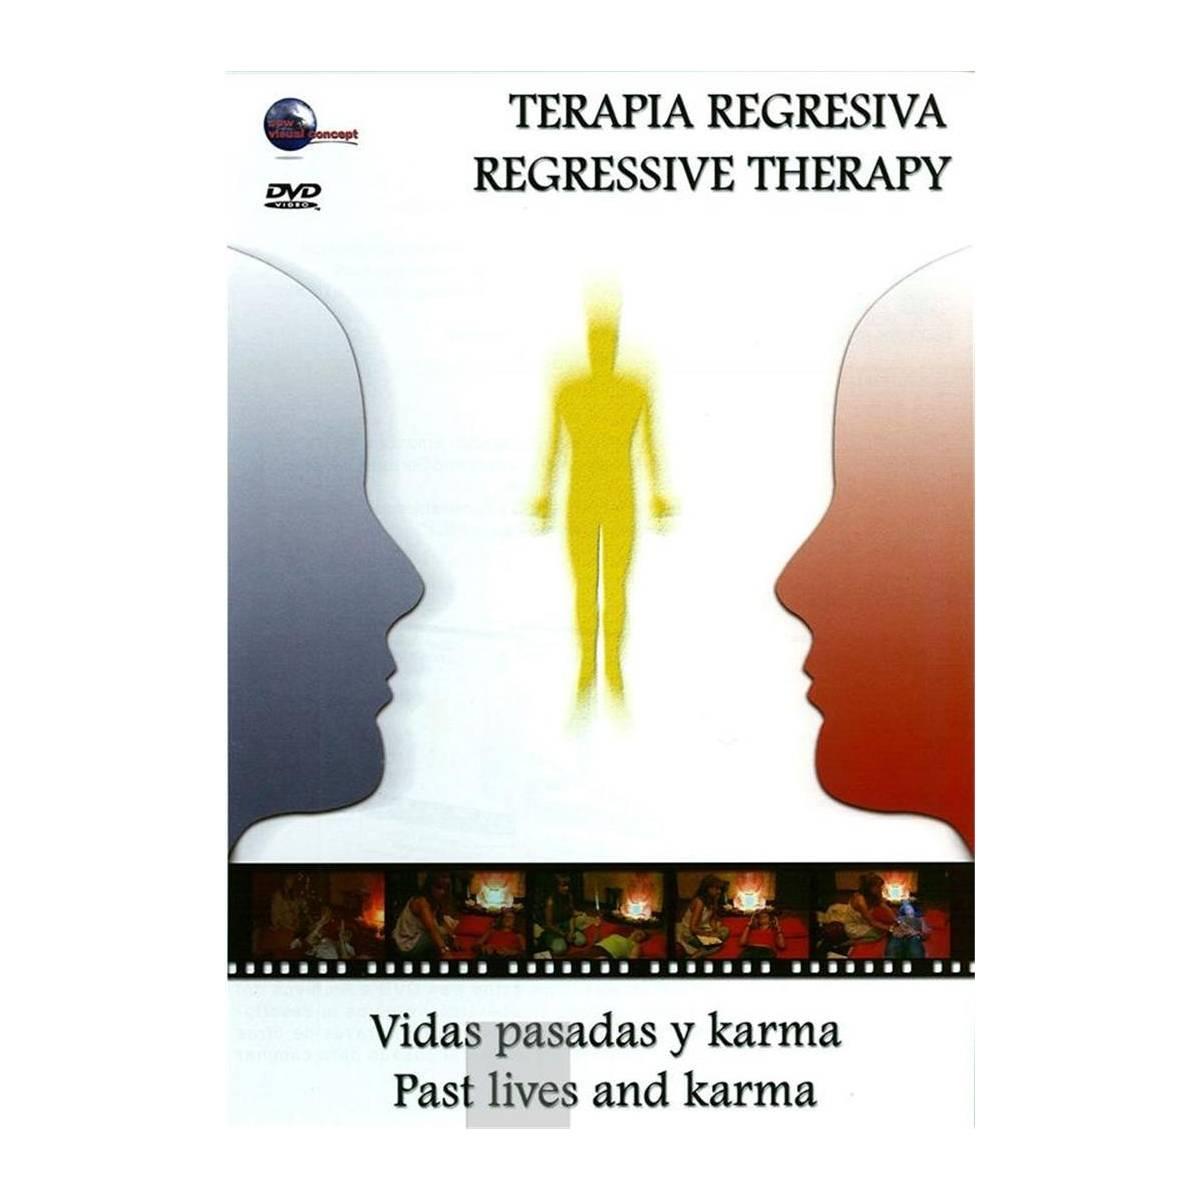 terapia regresiva vidas pasadas y karma